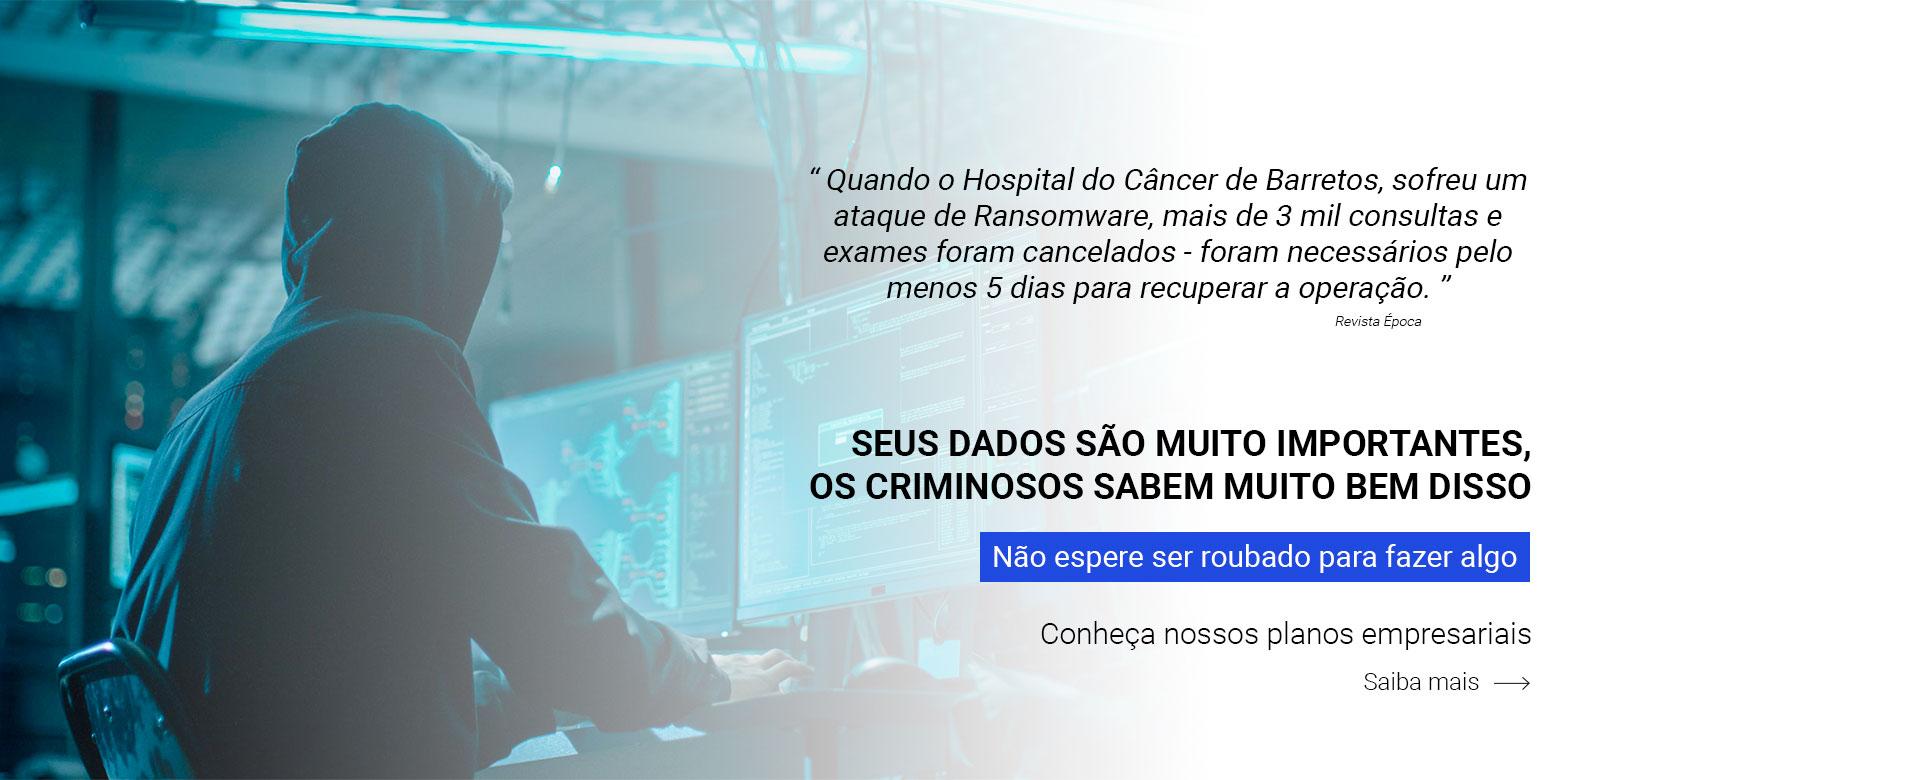 Seus_Dados_Sao_Muito_Importantes_